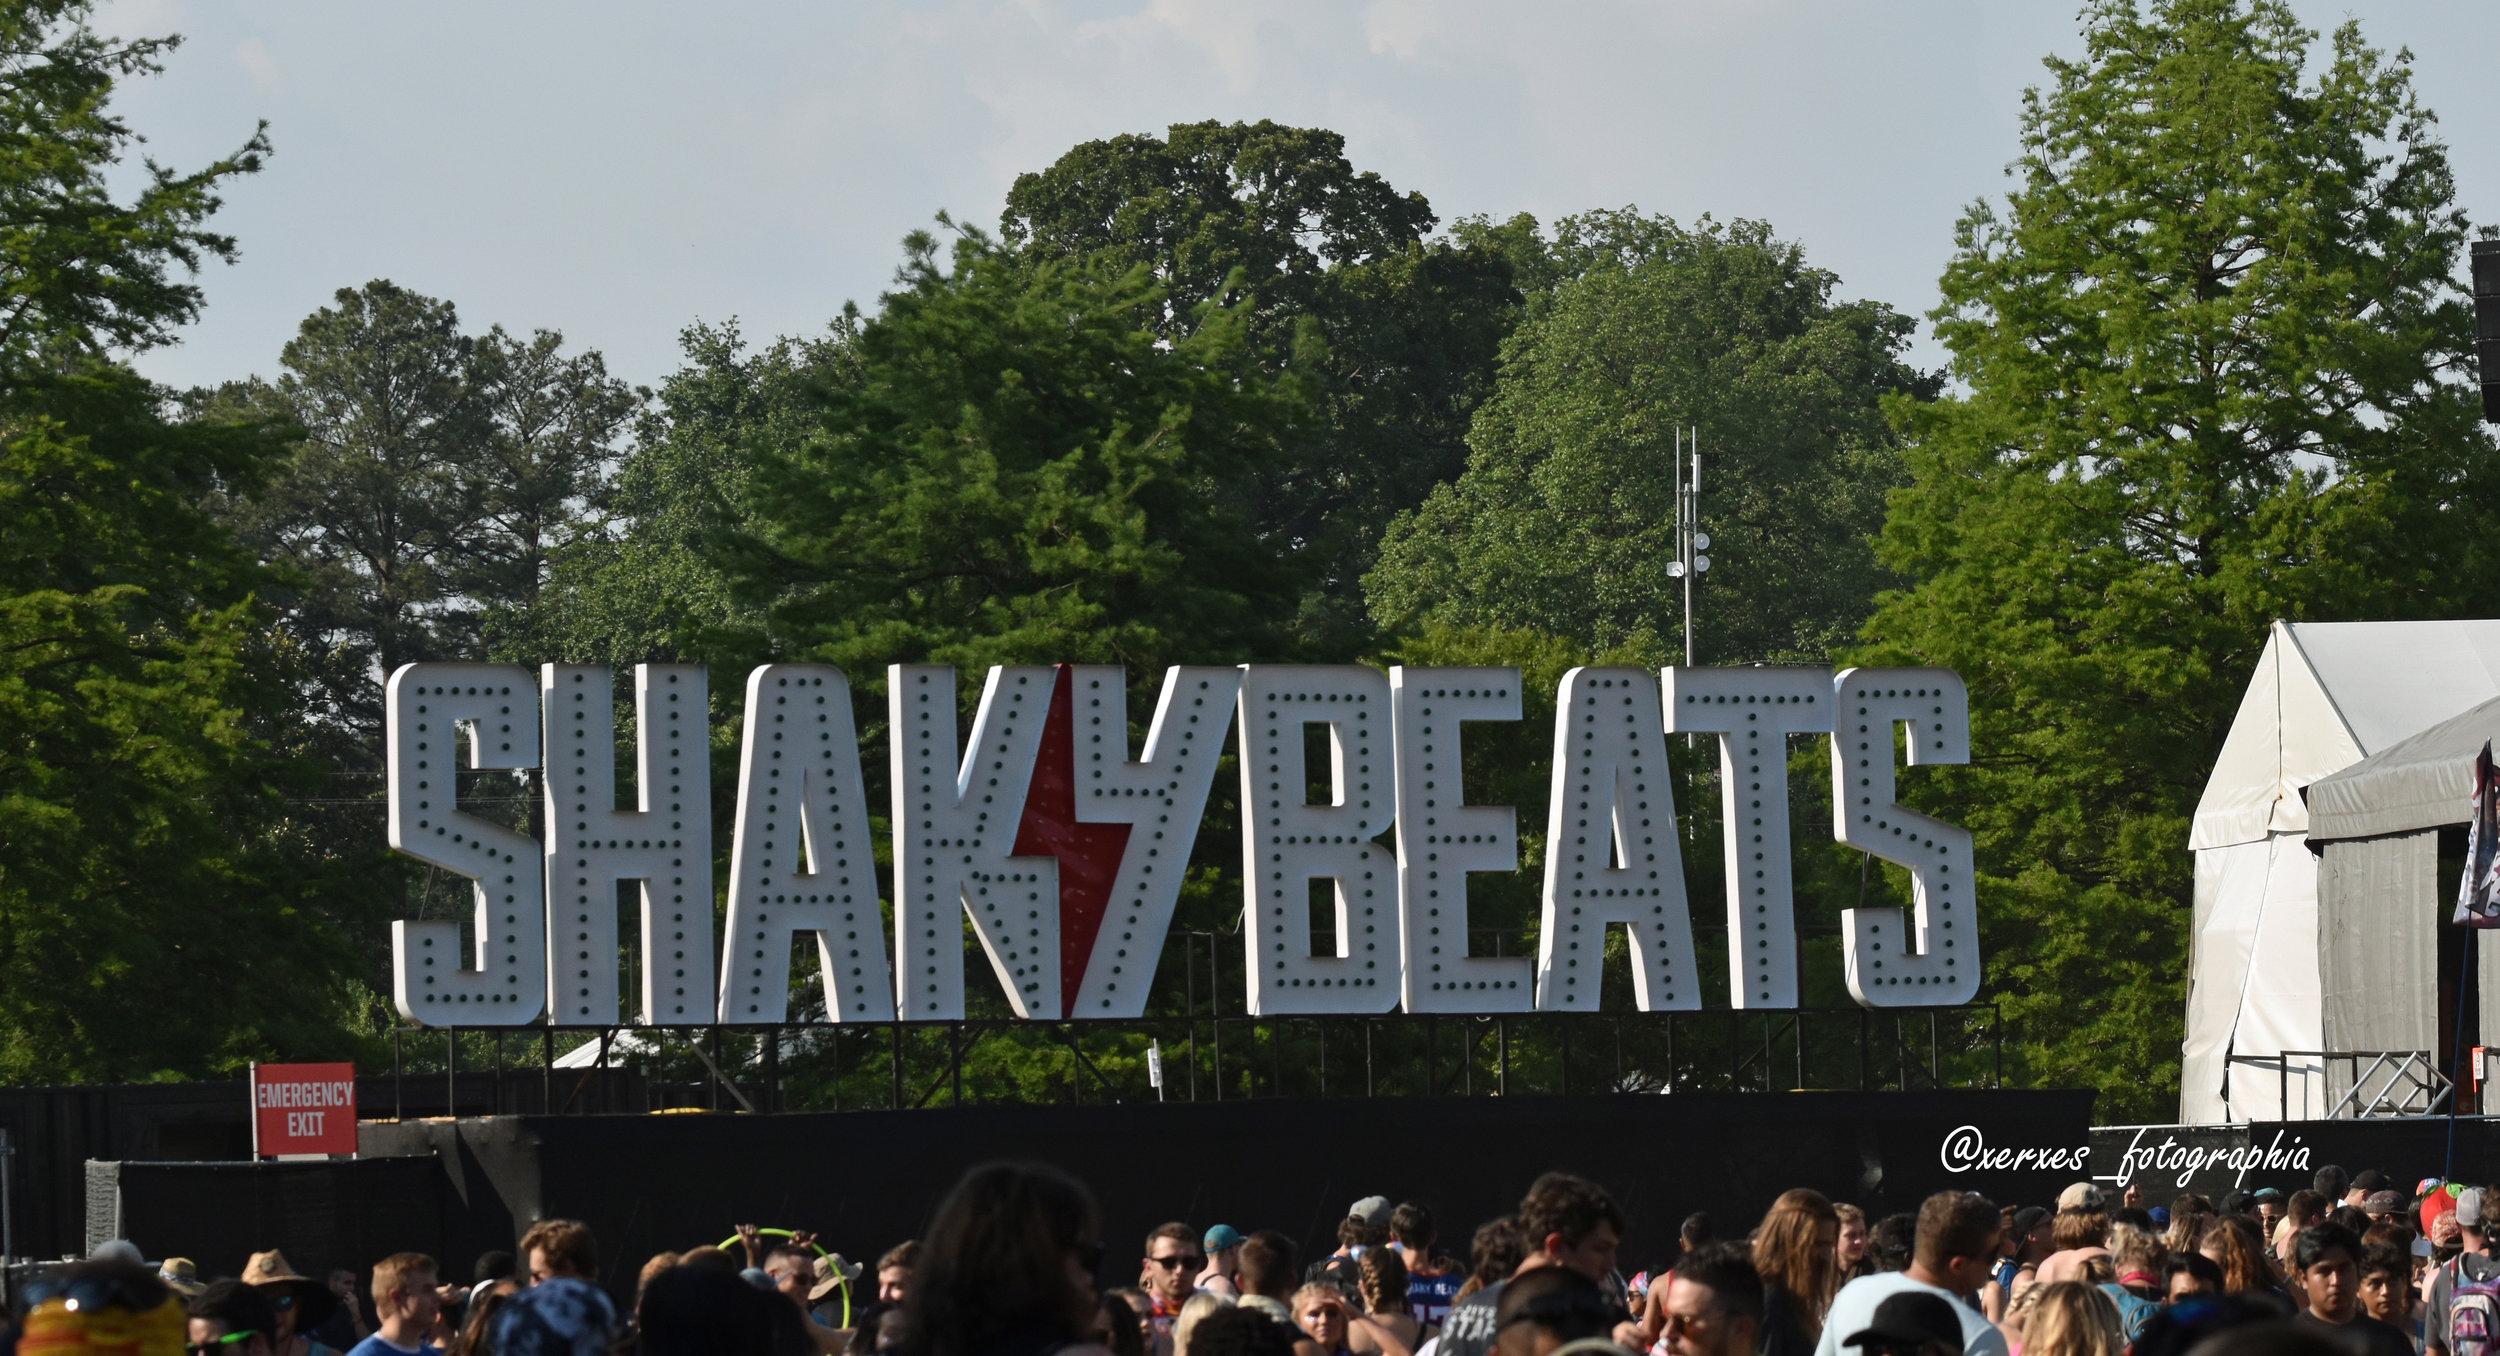 The Shaky Beats sign at Shaky Beats Music Festival 2018 in Atlanta, Georgia.